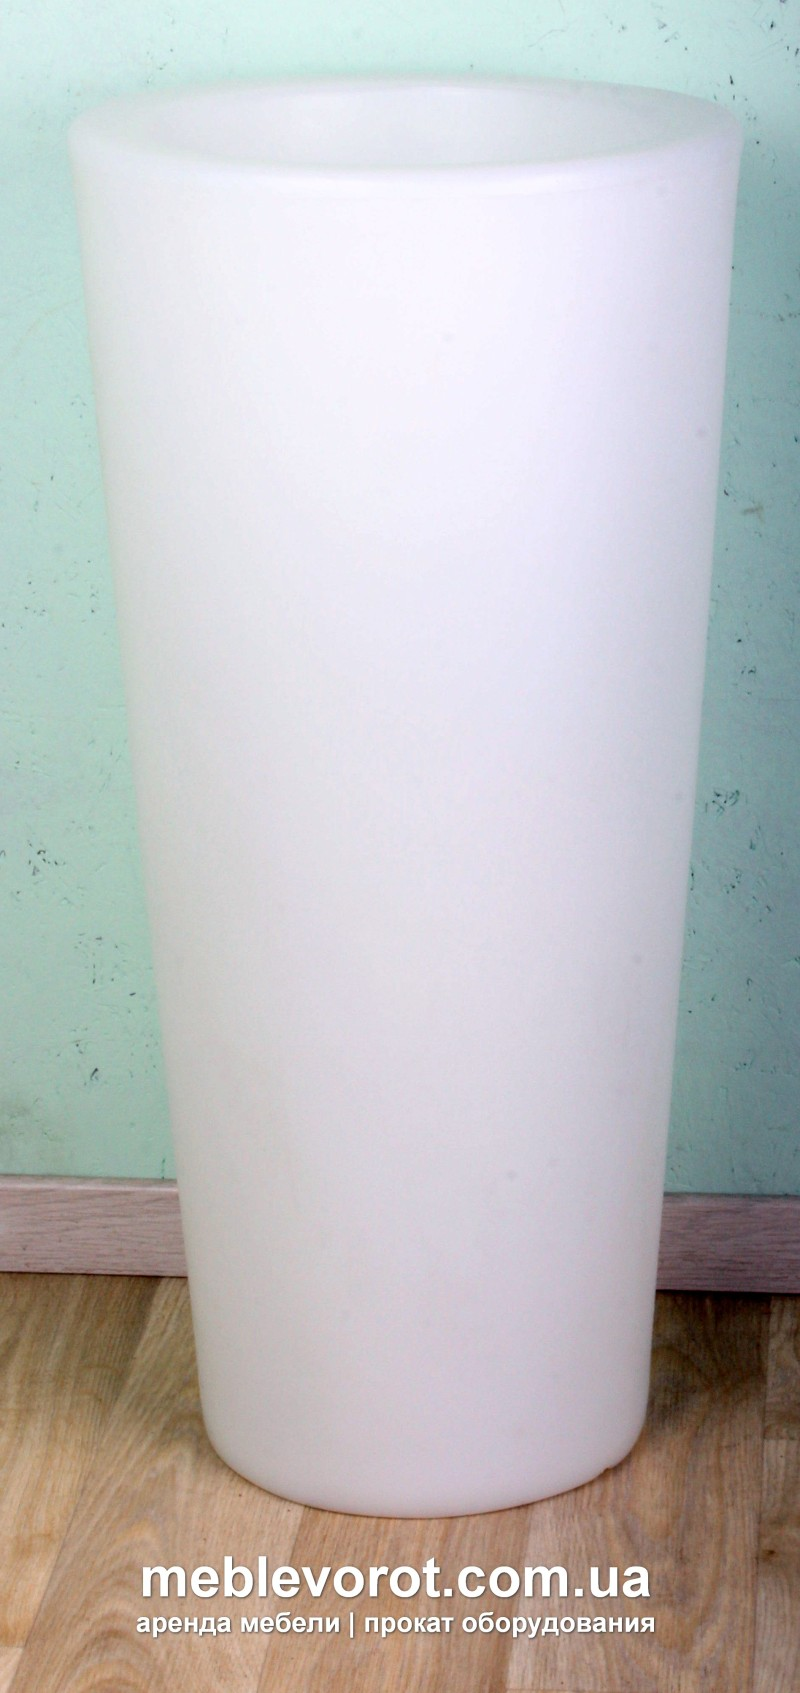 """Аренда (прокат) ЛЕД (LED) ваза/ниша под лёд """"Gleam"""" 300 грн/сутки"""